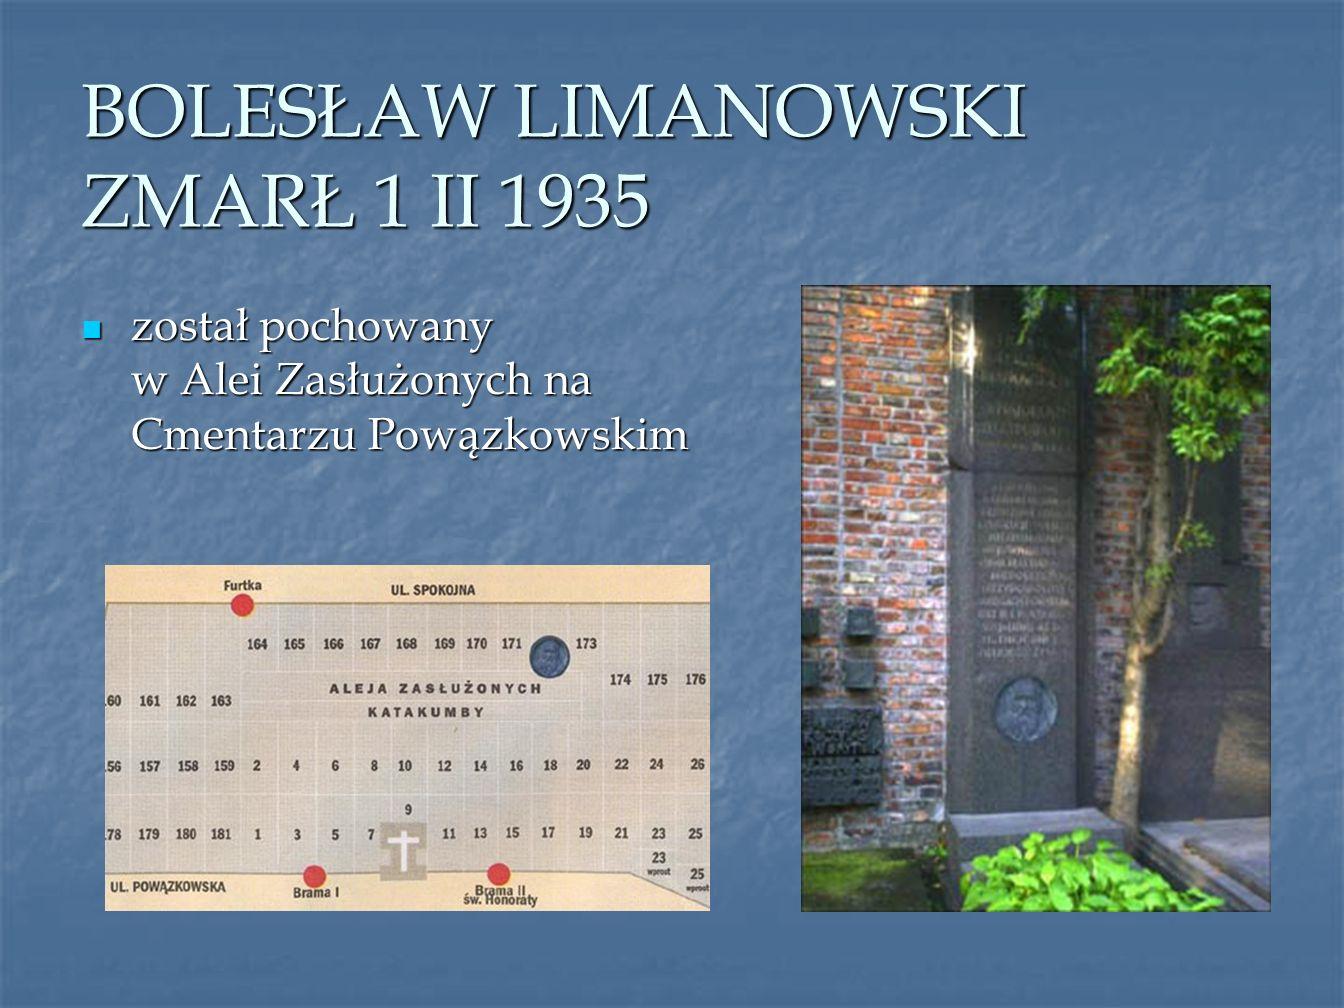 BOLESŁAW LIMANOWSKI ZMARŁ 1 II 1935 został pochowany w Alei Zasłużonych na Cmentarzu Powązkowskim został pochowany w Alei Zasłużonych na Cmentarzu Pow